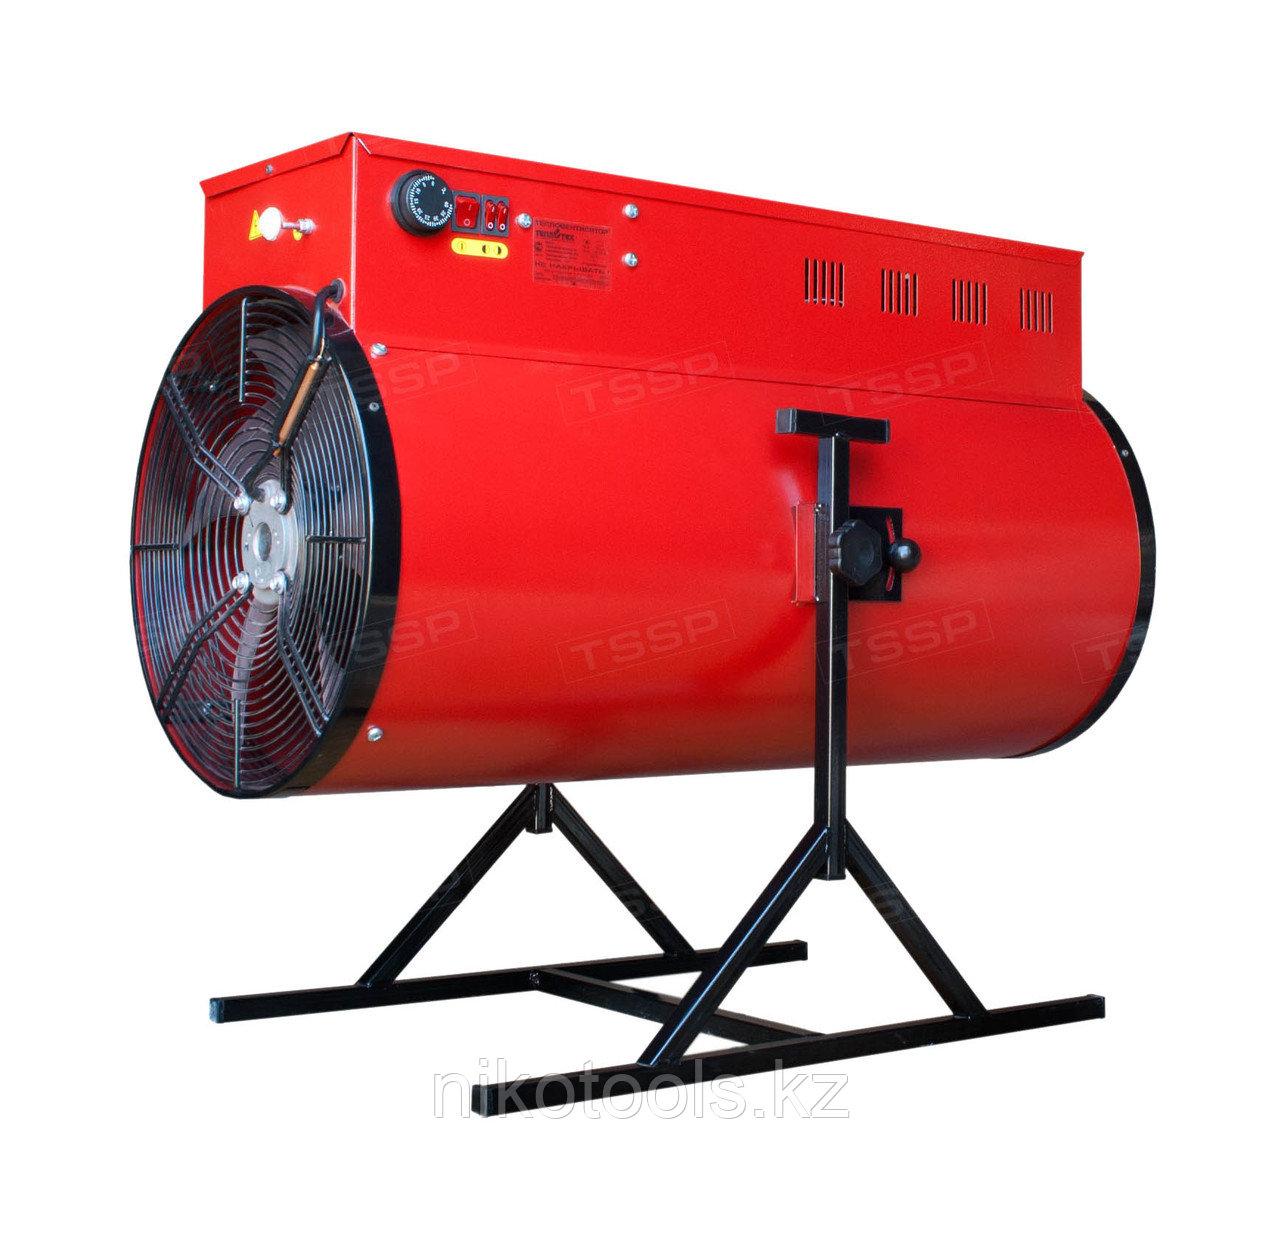 Тепловентилятор Теплотех ТВ-42П Ph-42/21 кВт